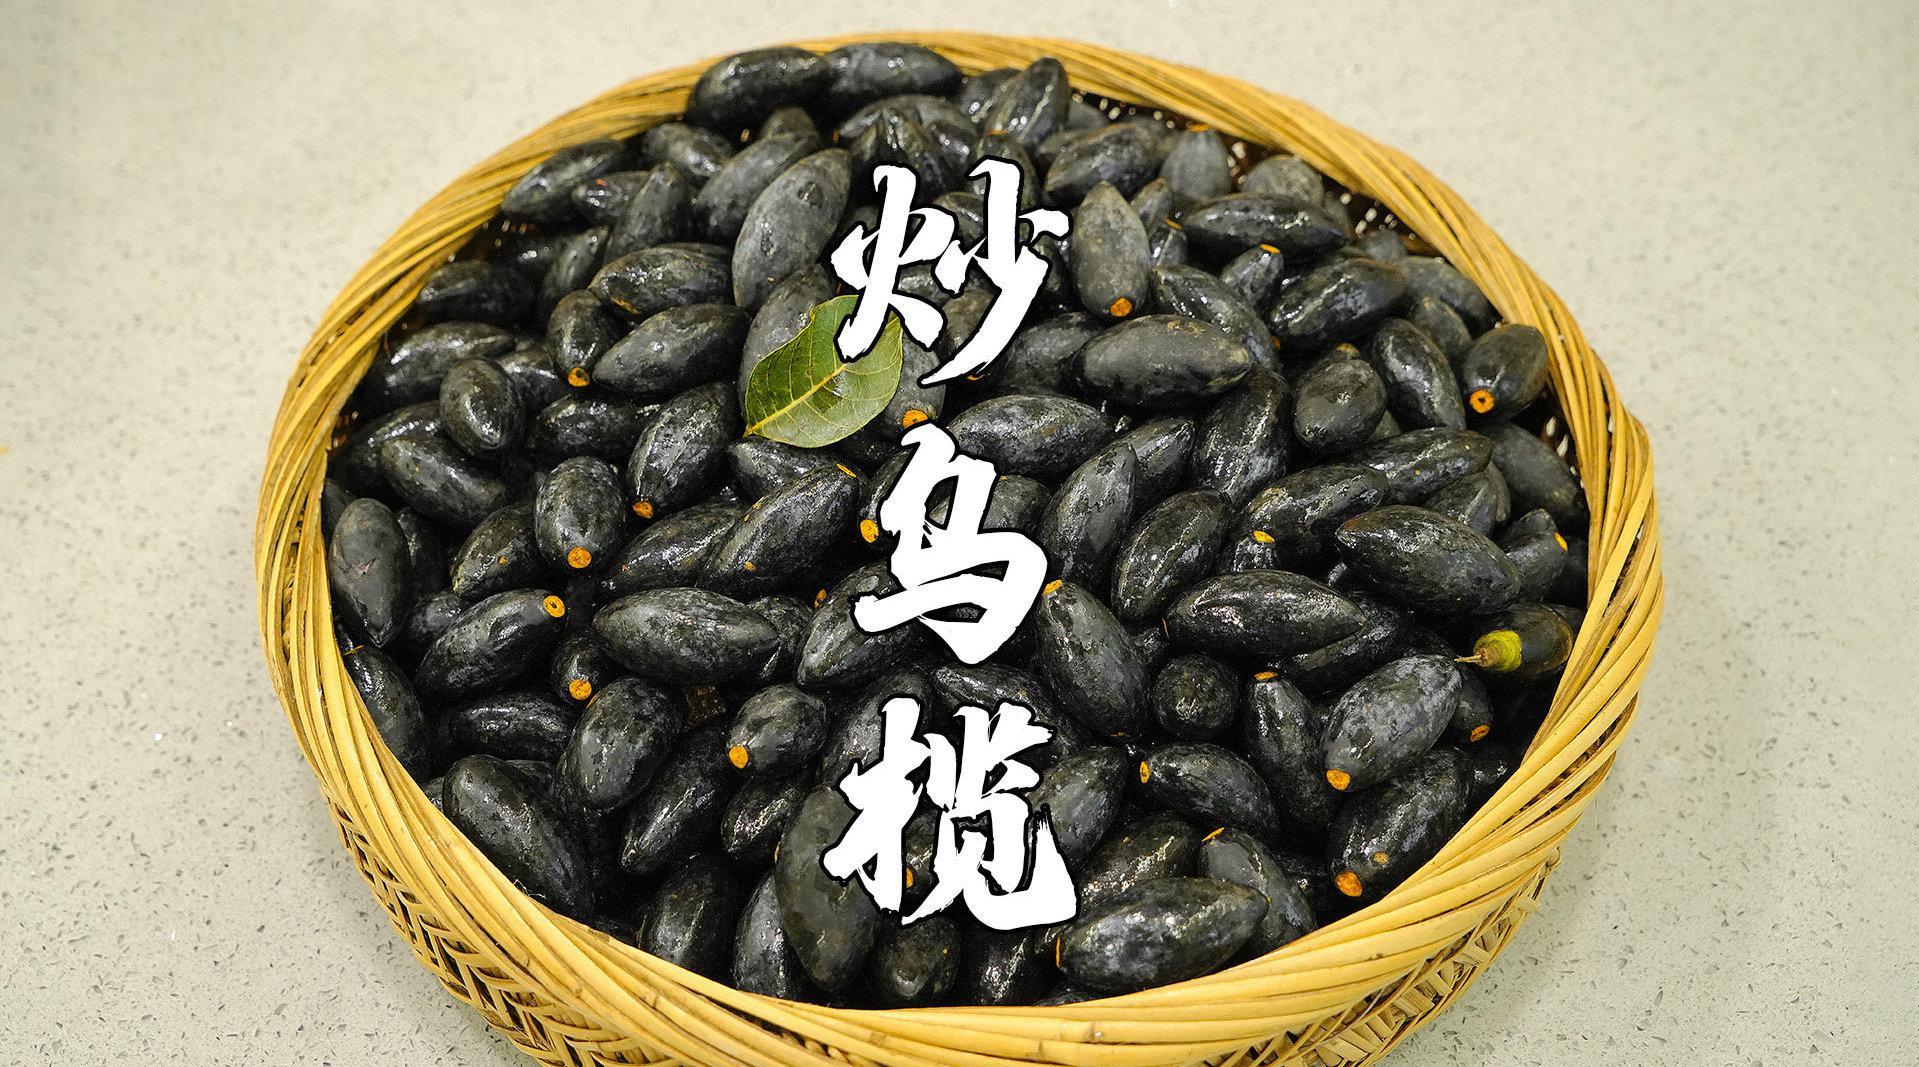 炒乌榄,乌橄榄潮汕农村传统做法,早餐配白粥最爱杂咸。